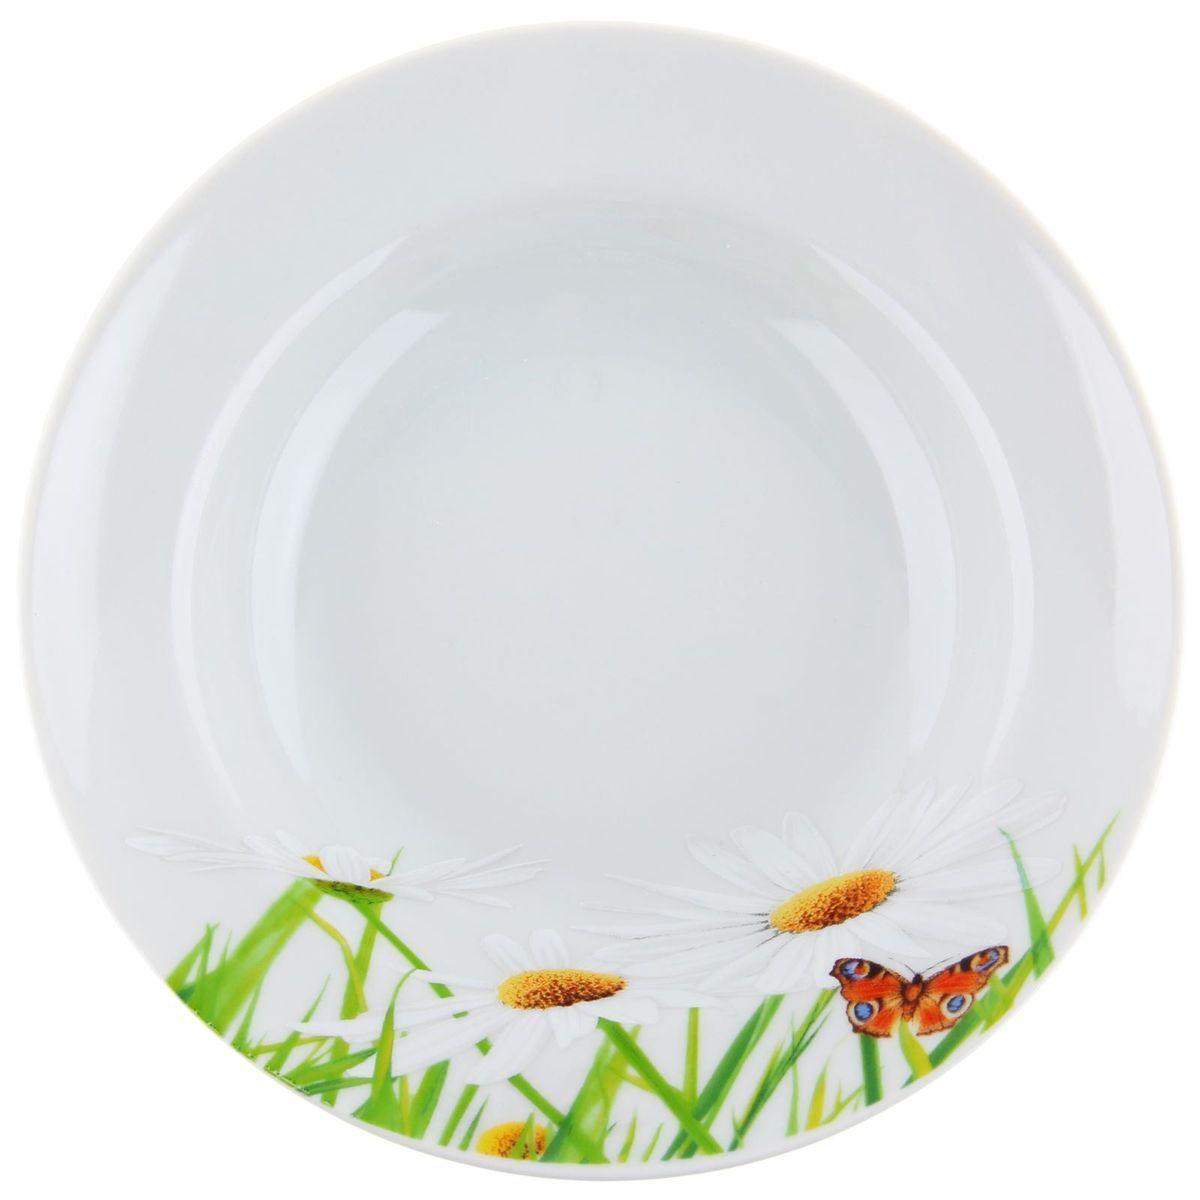 Тарелка глубокая Идиллия. Ромашка, диаметр 24 см1280311Глубокая тарелка Идиллия. Ромашка выполнена из высококачественного фарфора и украшена ярким цветочным рисунком. Она прекрасно впишется в интерьер вашей кухни и станет достойным дополнением к кухонному инвентарю. Тарелка Идиллия. Ромашка подчеркнет прекрасный вкус хозяйки и станет отличным подарком.